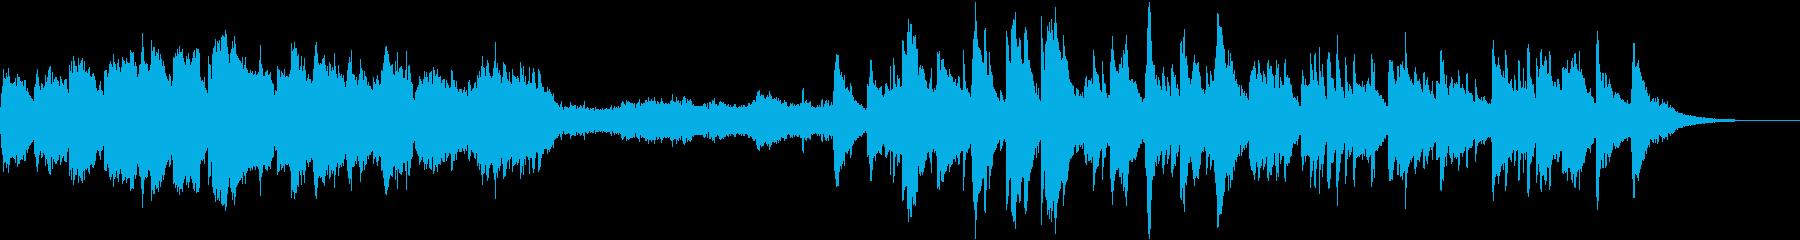 ファンタジー世界BGMの再生済みの波形